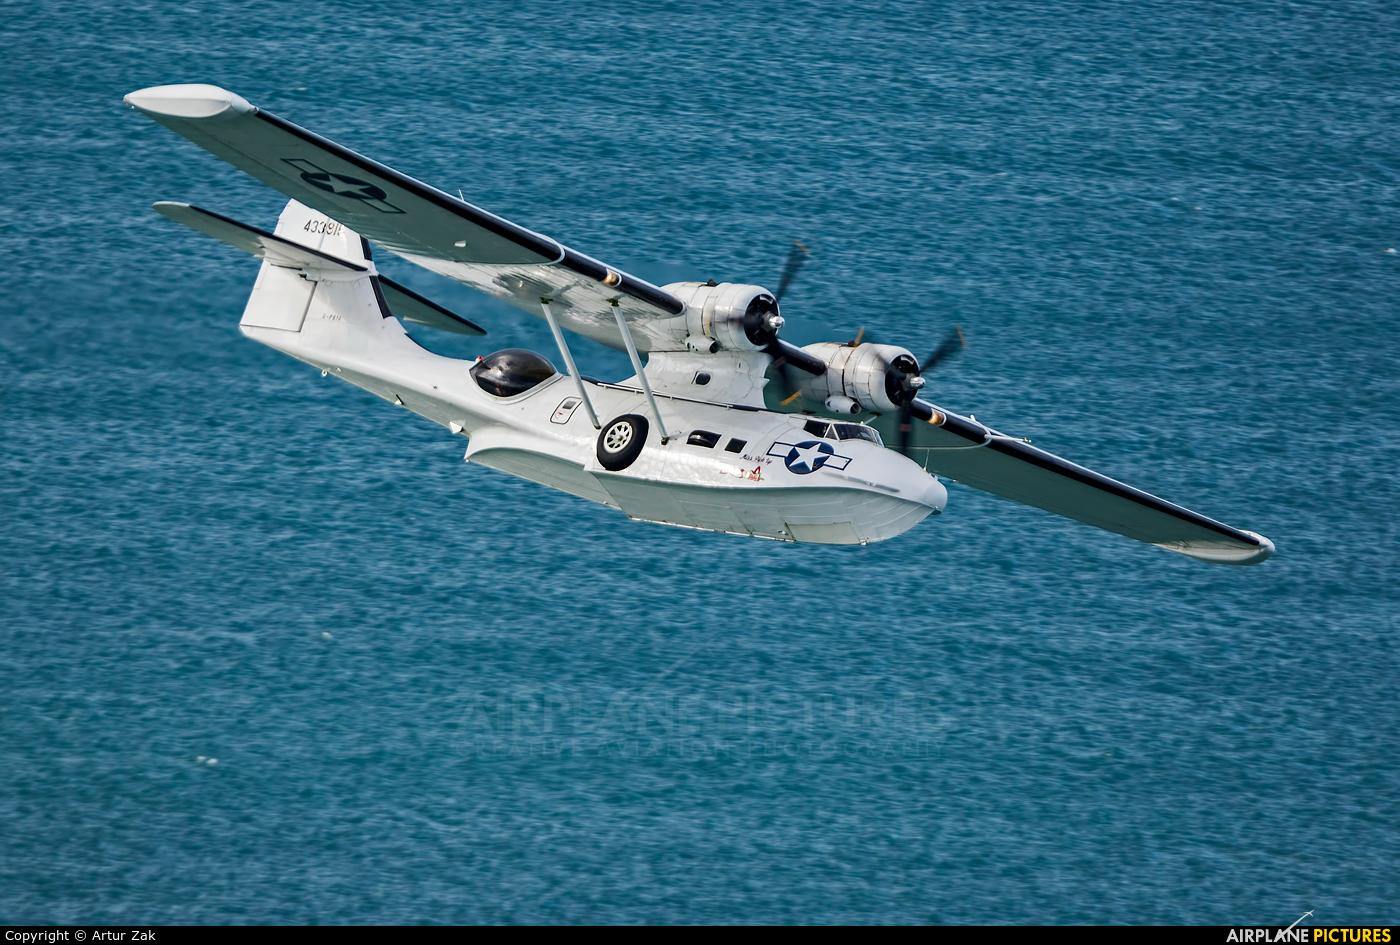 Catalina Aircraft G-PBYA aircraft at Bray - Off Airport